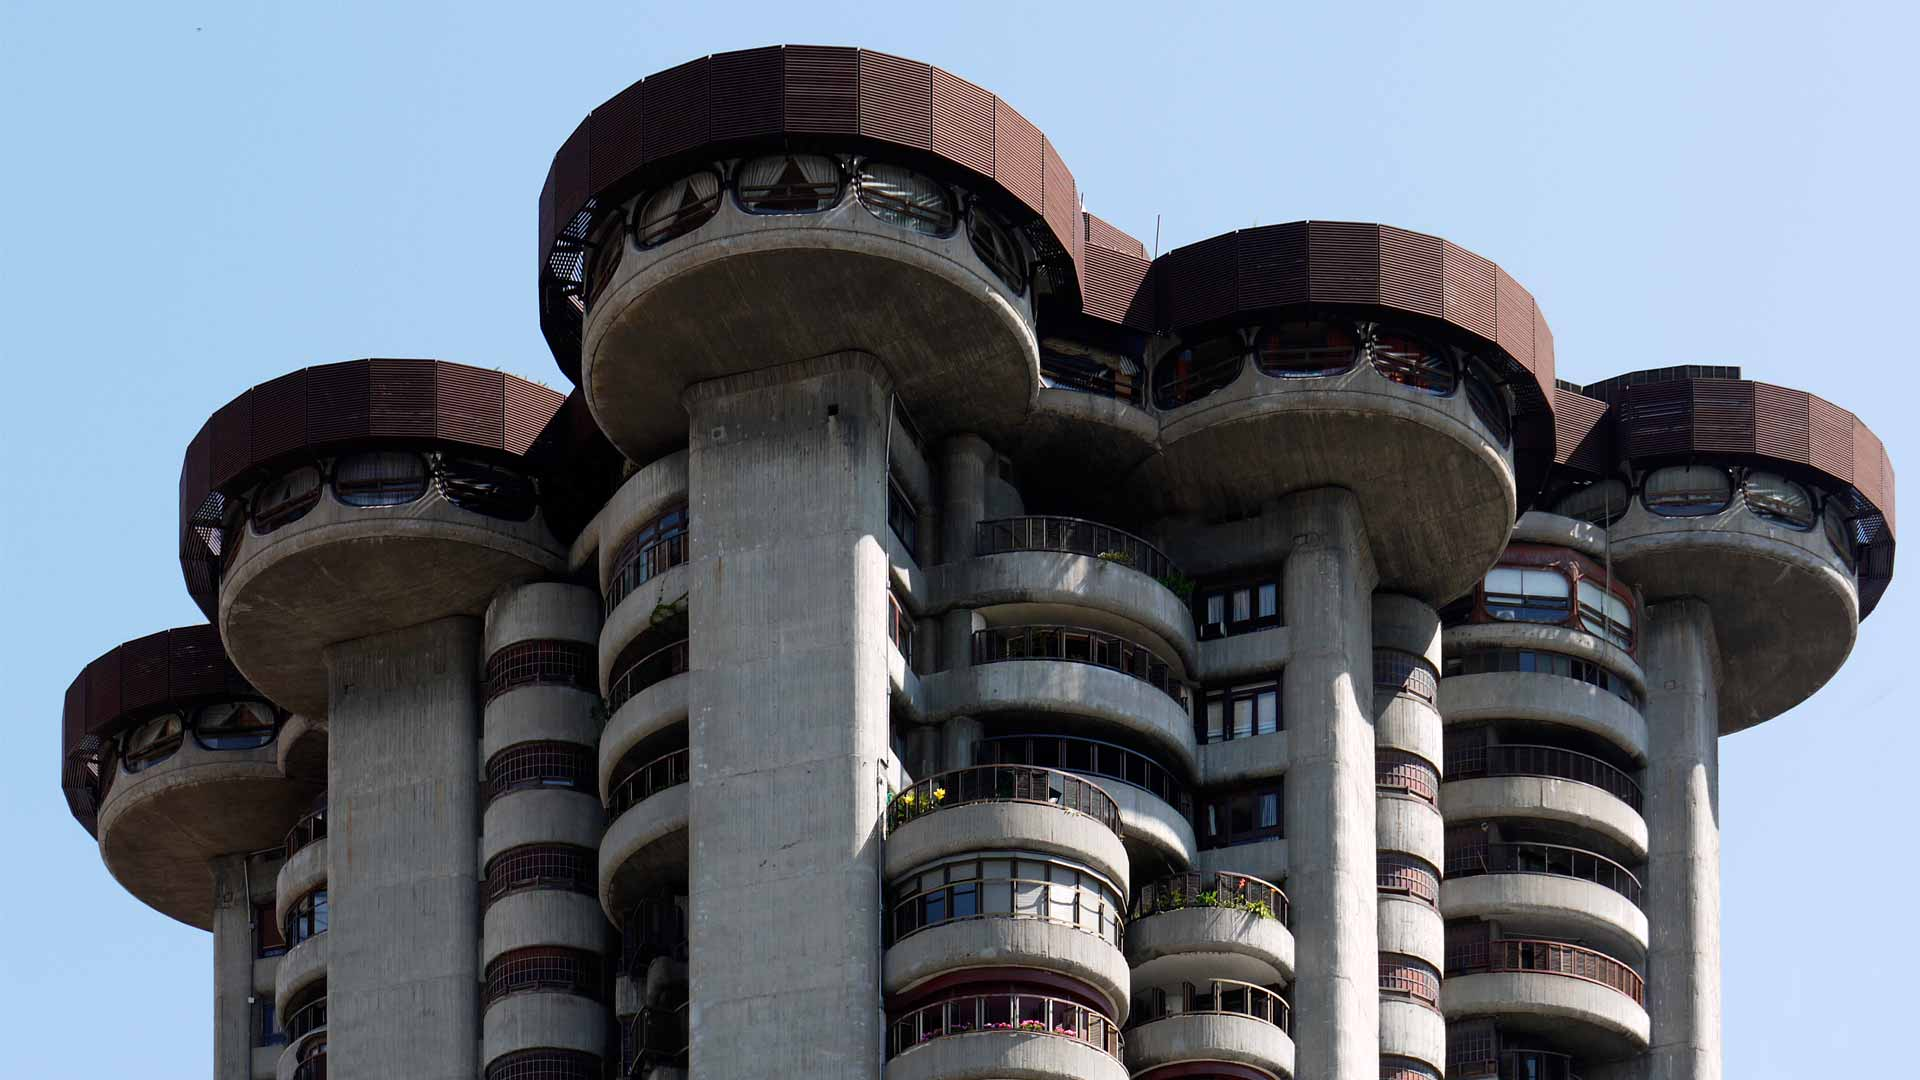 imagen destacada del artículo sobre las viviendas de autor más famosas de españa